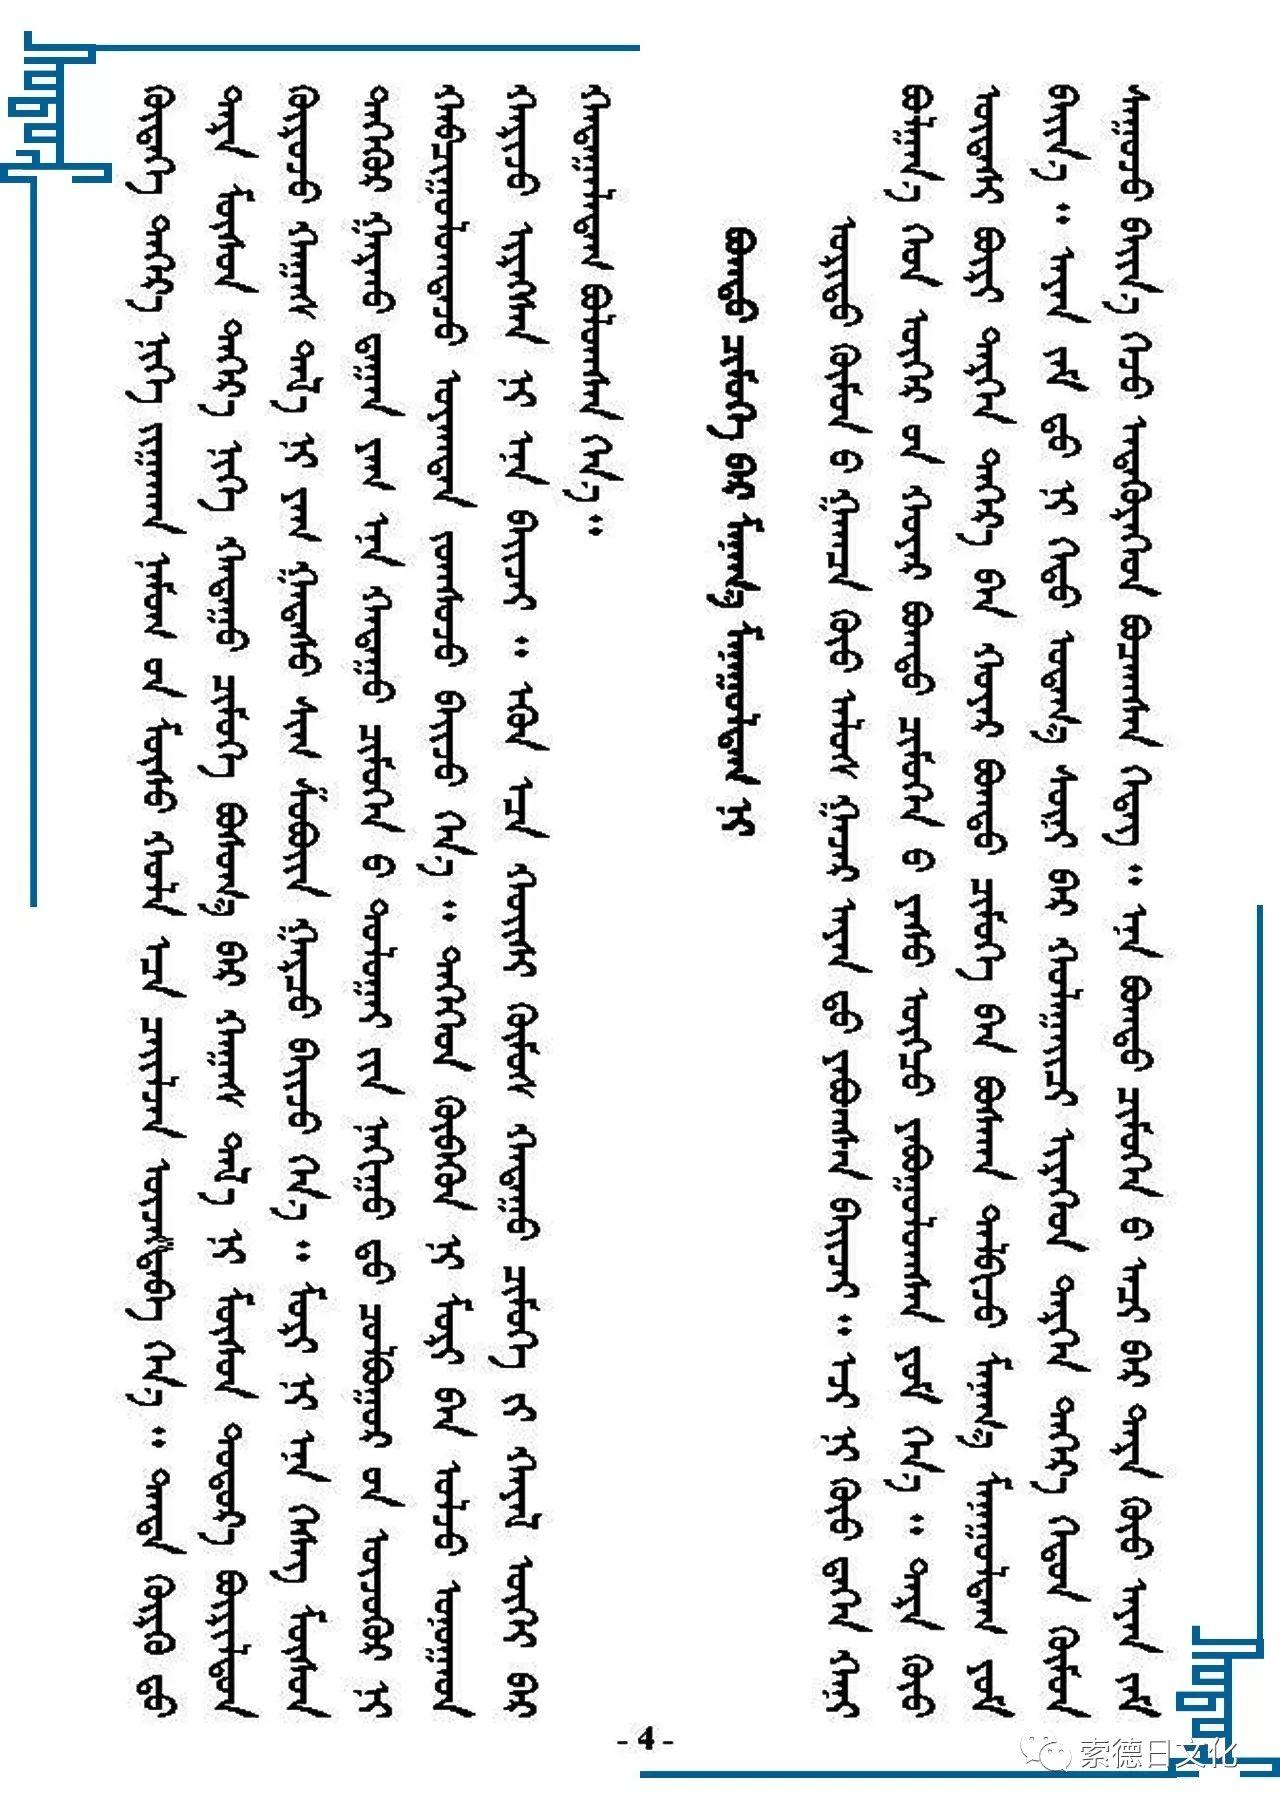 蒙古民俗故事 第4张 蒙古民俗故事 蒙古文库